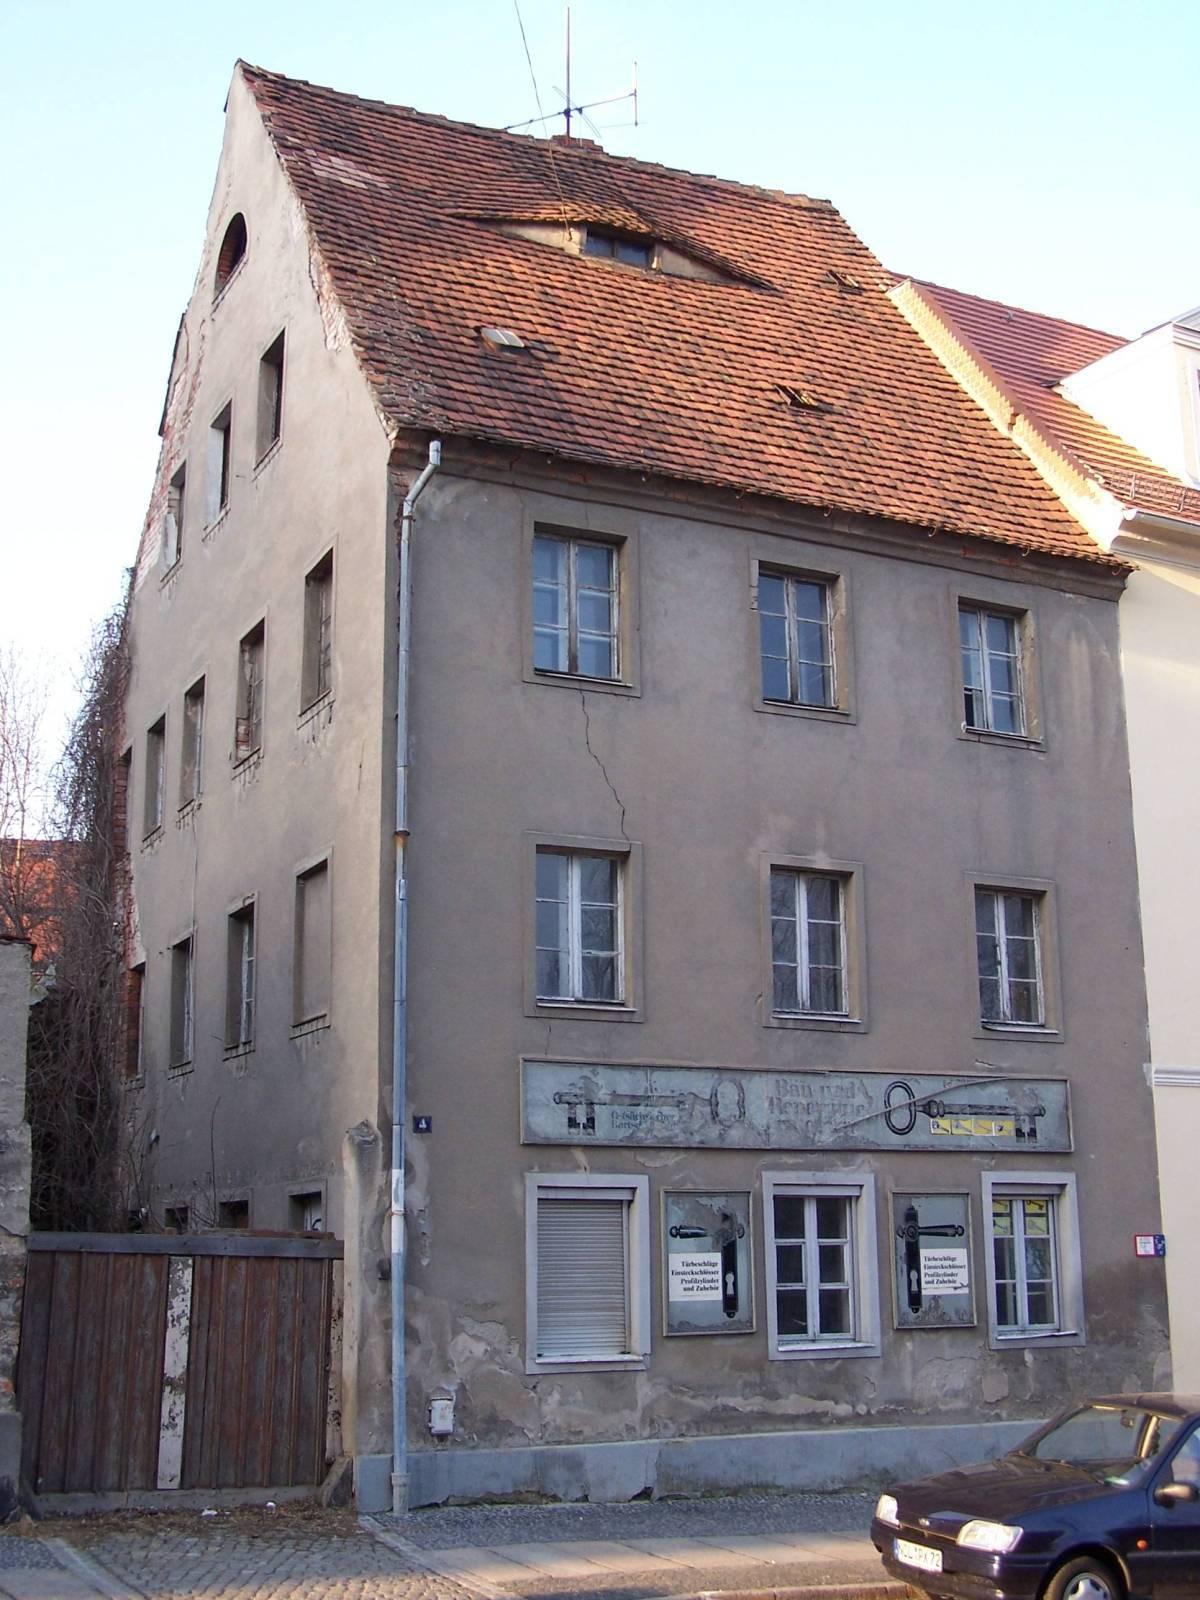 Görlitz - Seite 33 - Sachsen - Architectura Pro Homine